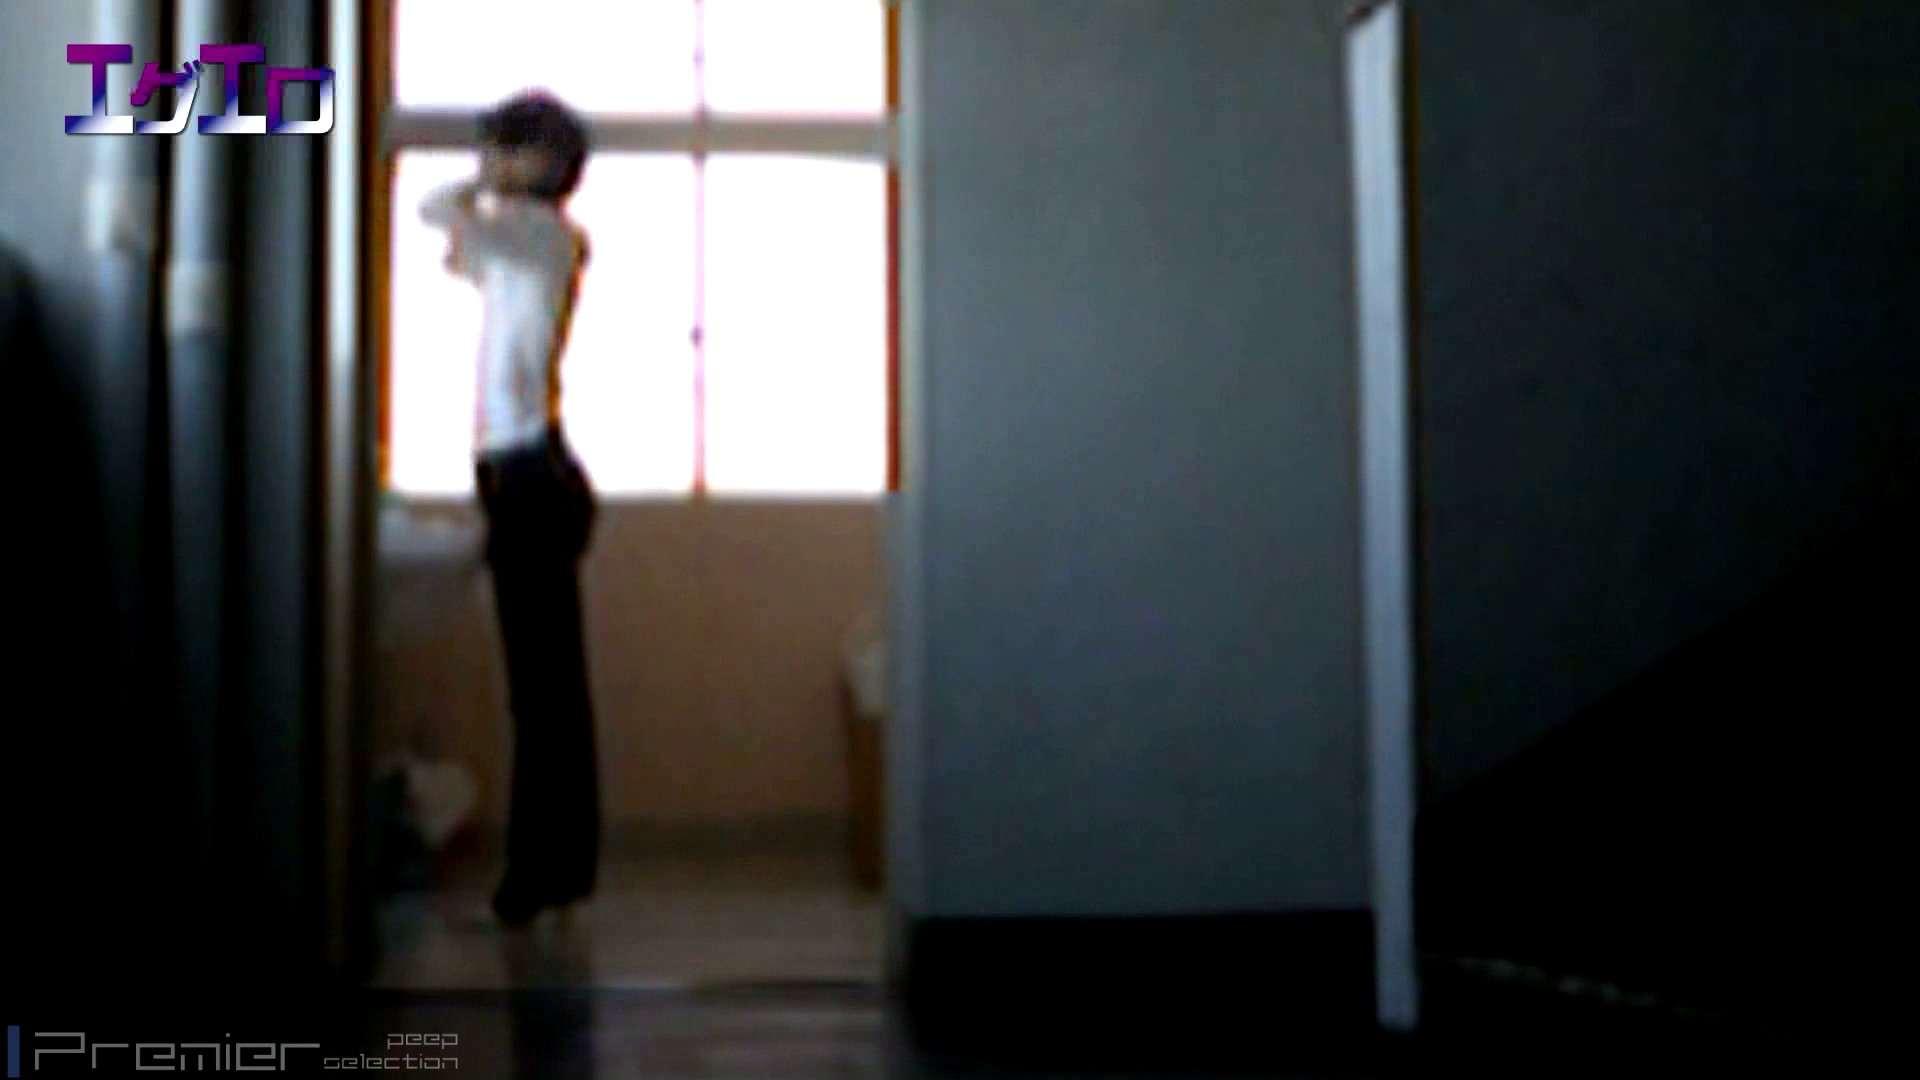 至近距離洗面所 Vol.09夏ギャルキタ~和式トイレ放nyoショー ギャル盗撮映像 性交動画流出 80PIX 22